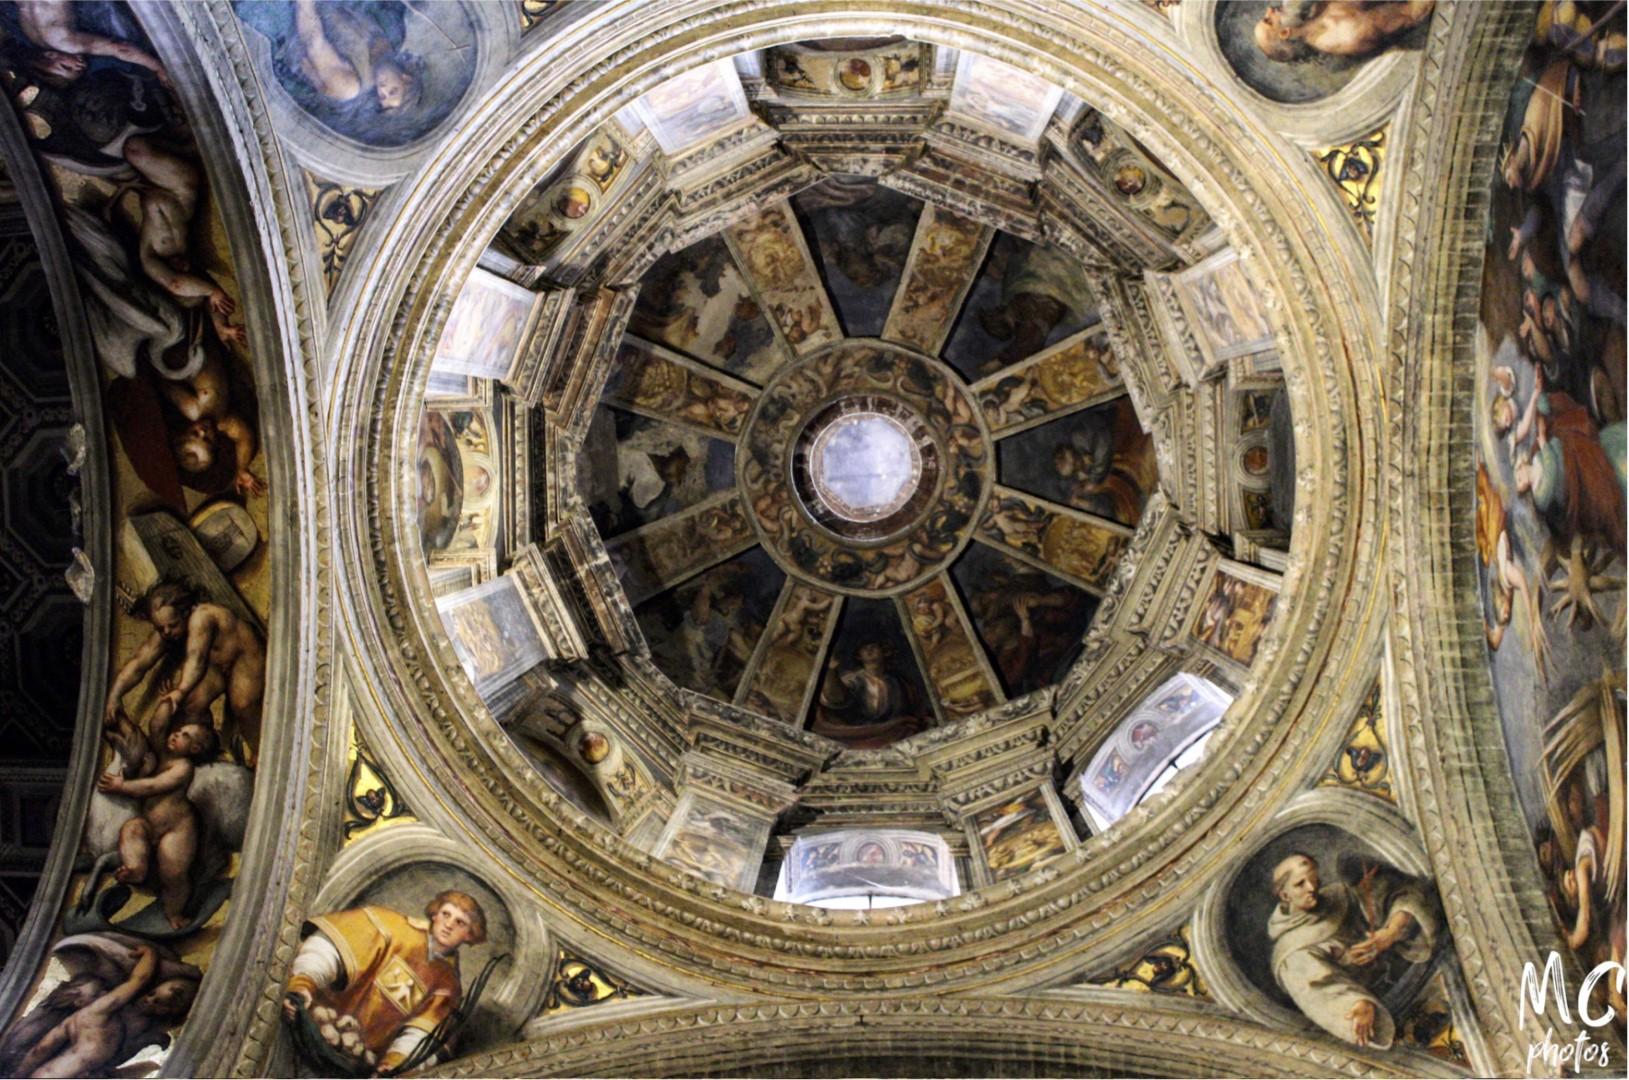 La cupola affrescata nella Basilica di Santa Maria di Campagna